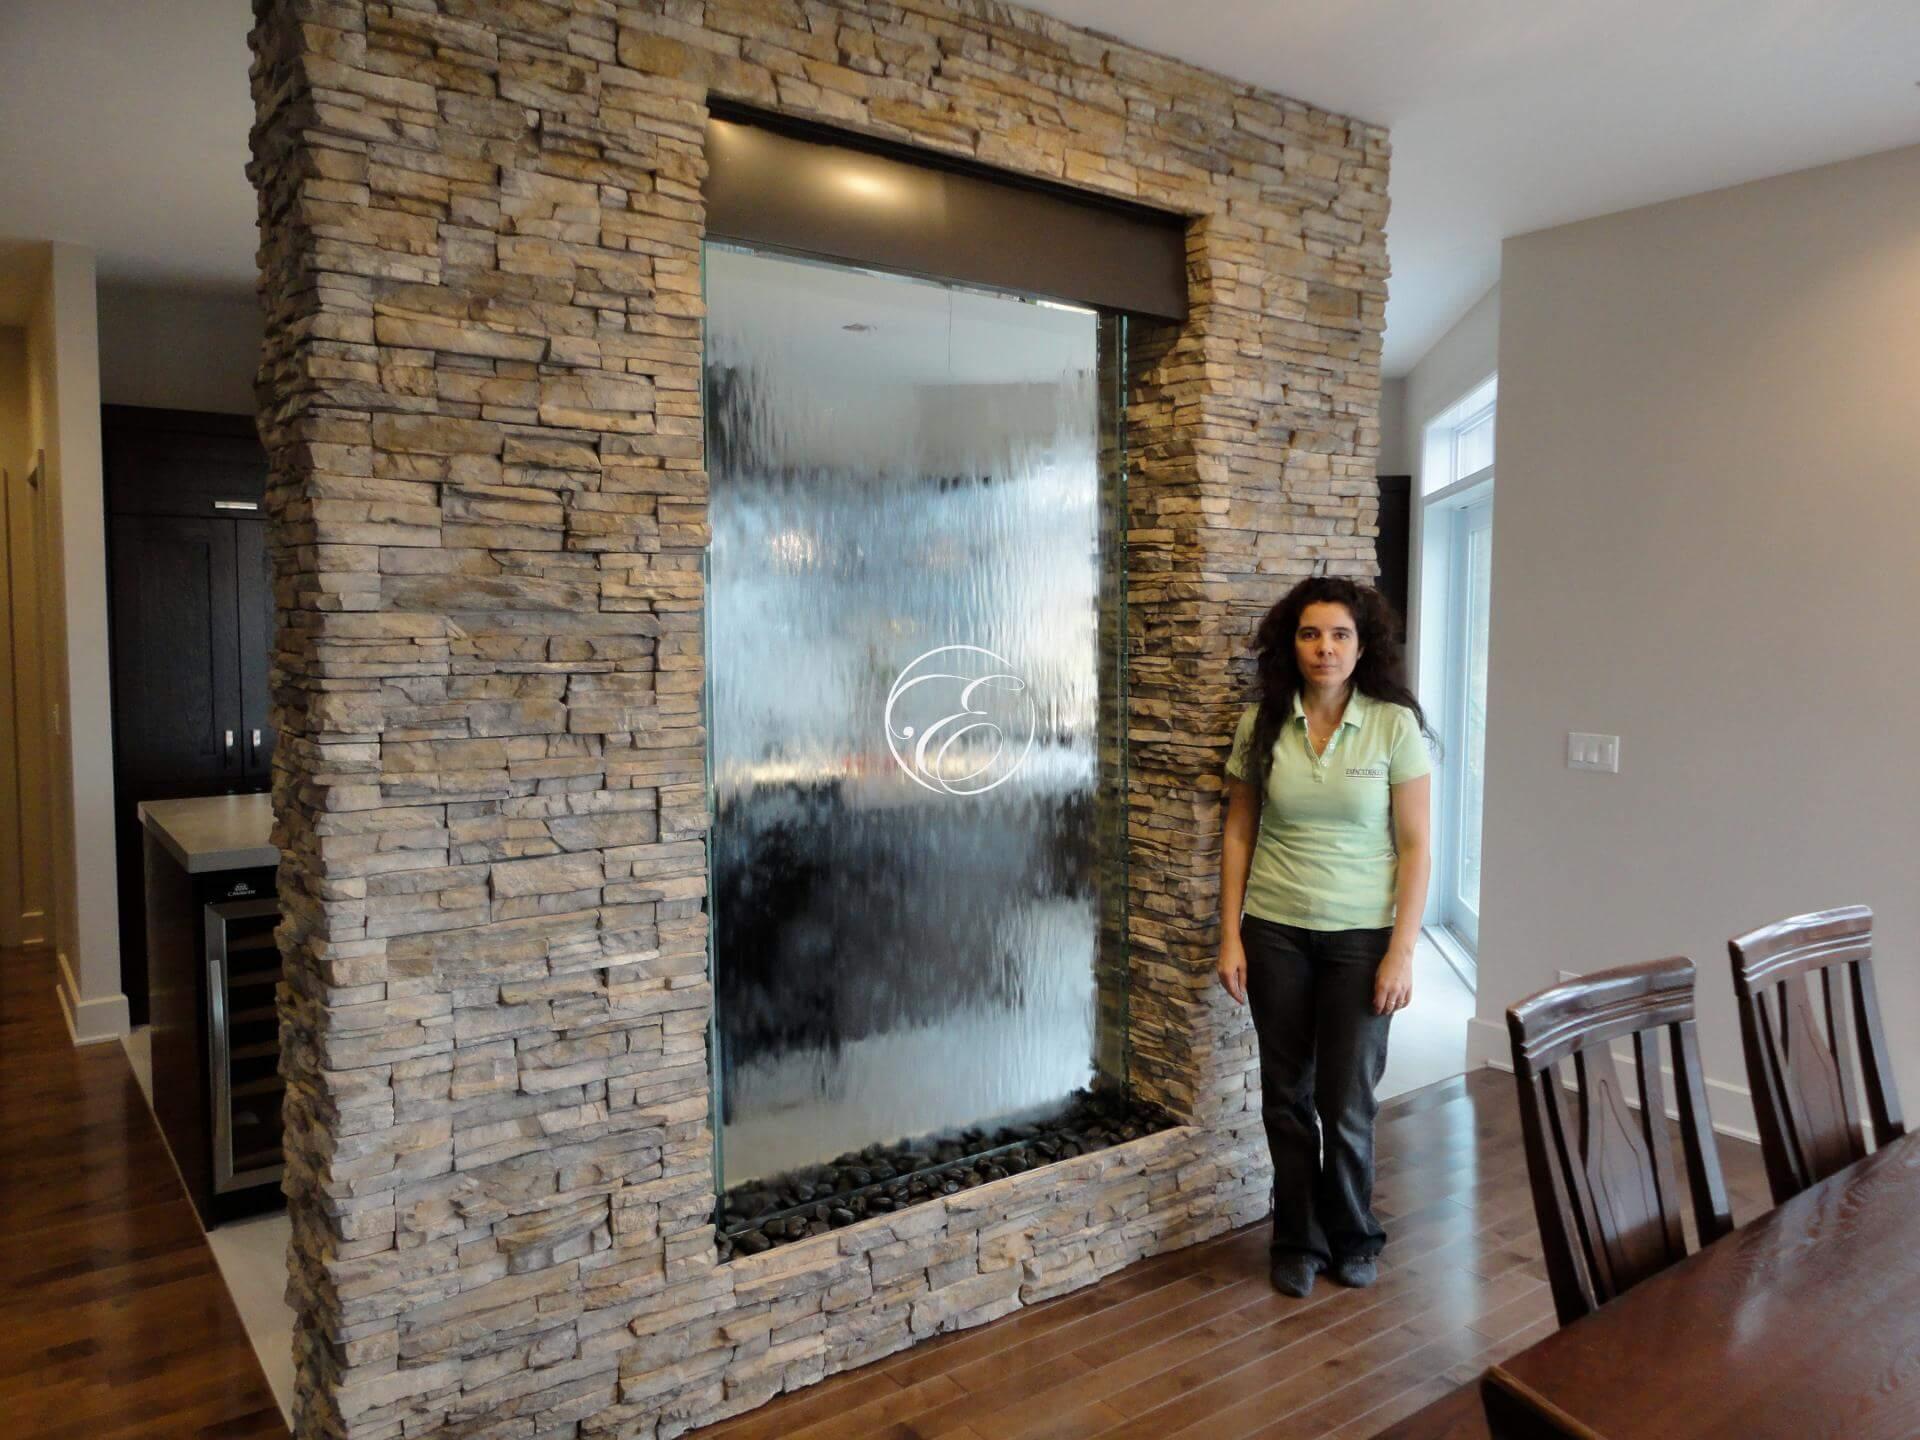 mur d 39 eau encastr habillage en pierre. Black Bedroom Furniture Sets. Home Design Ideas